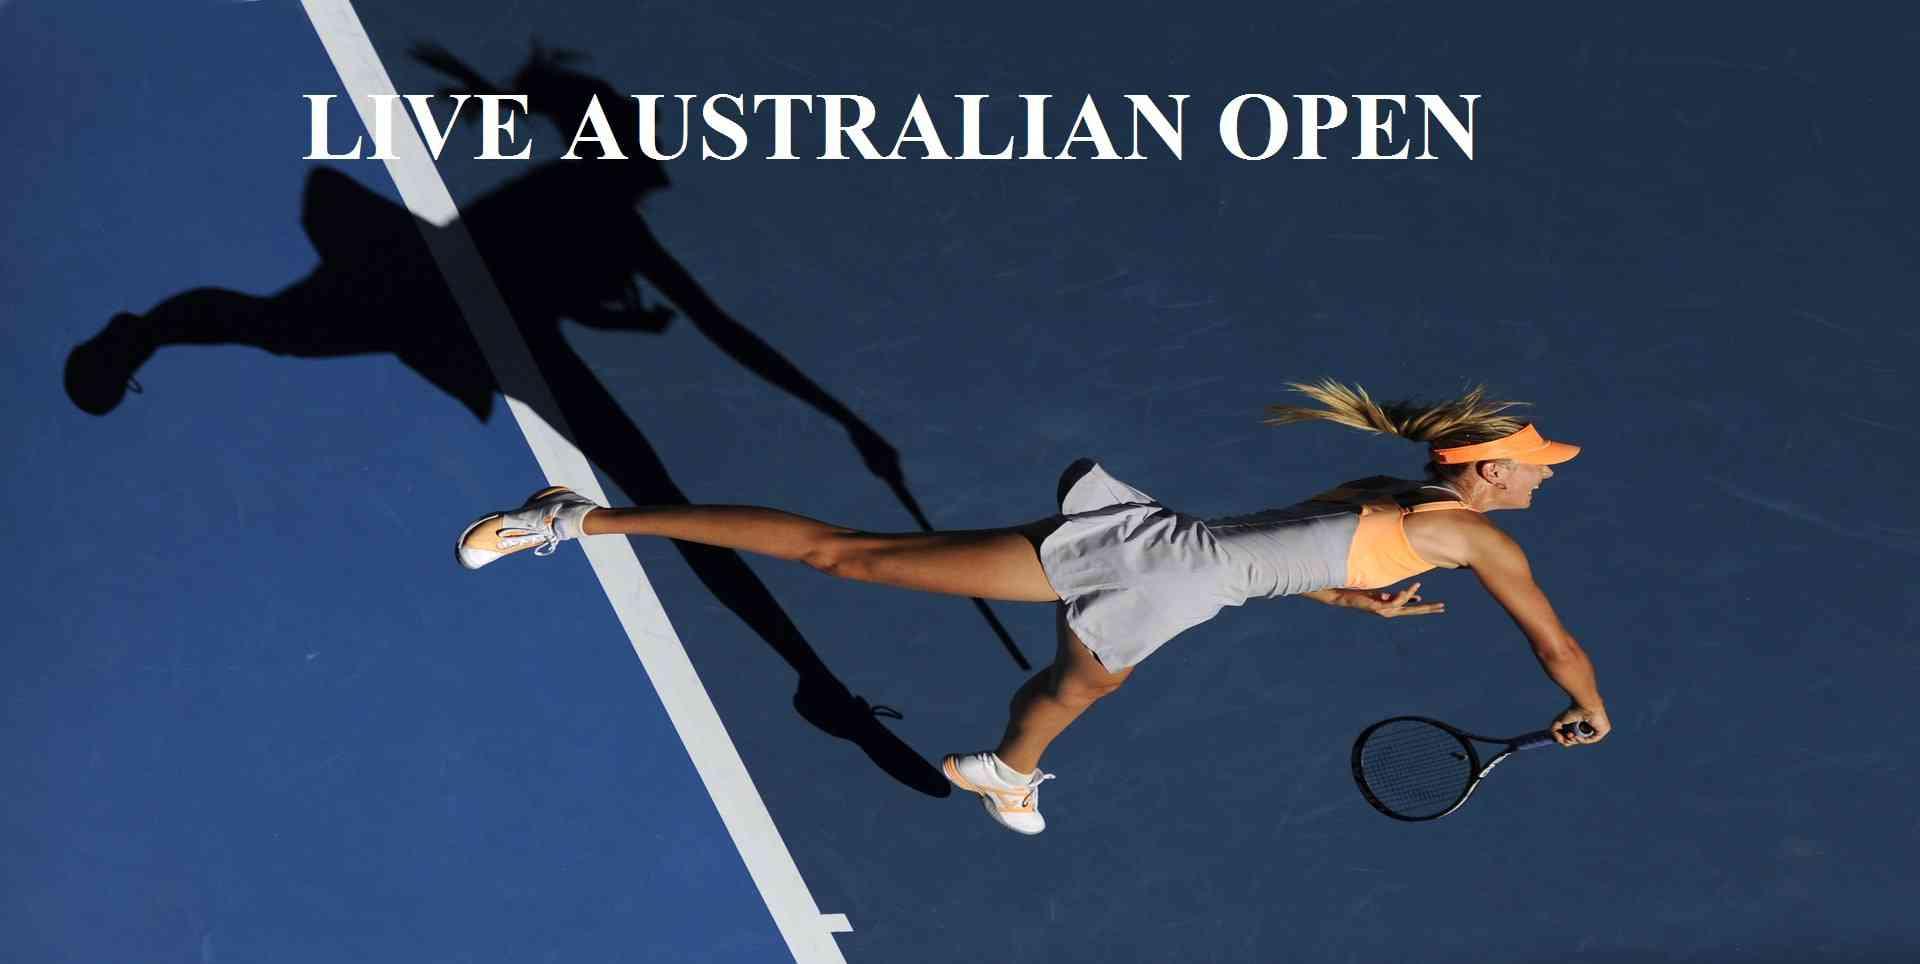 2014 Australian Open Final